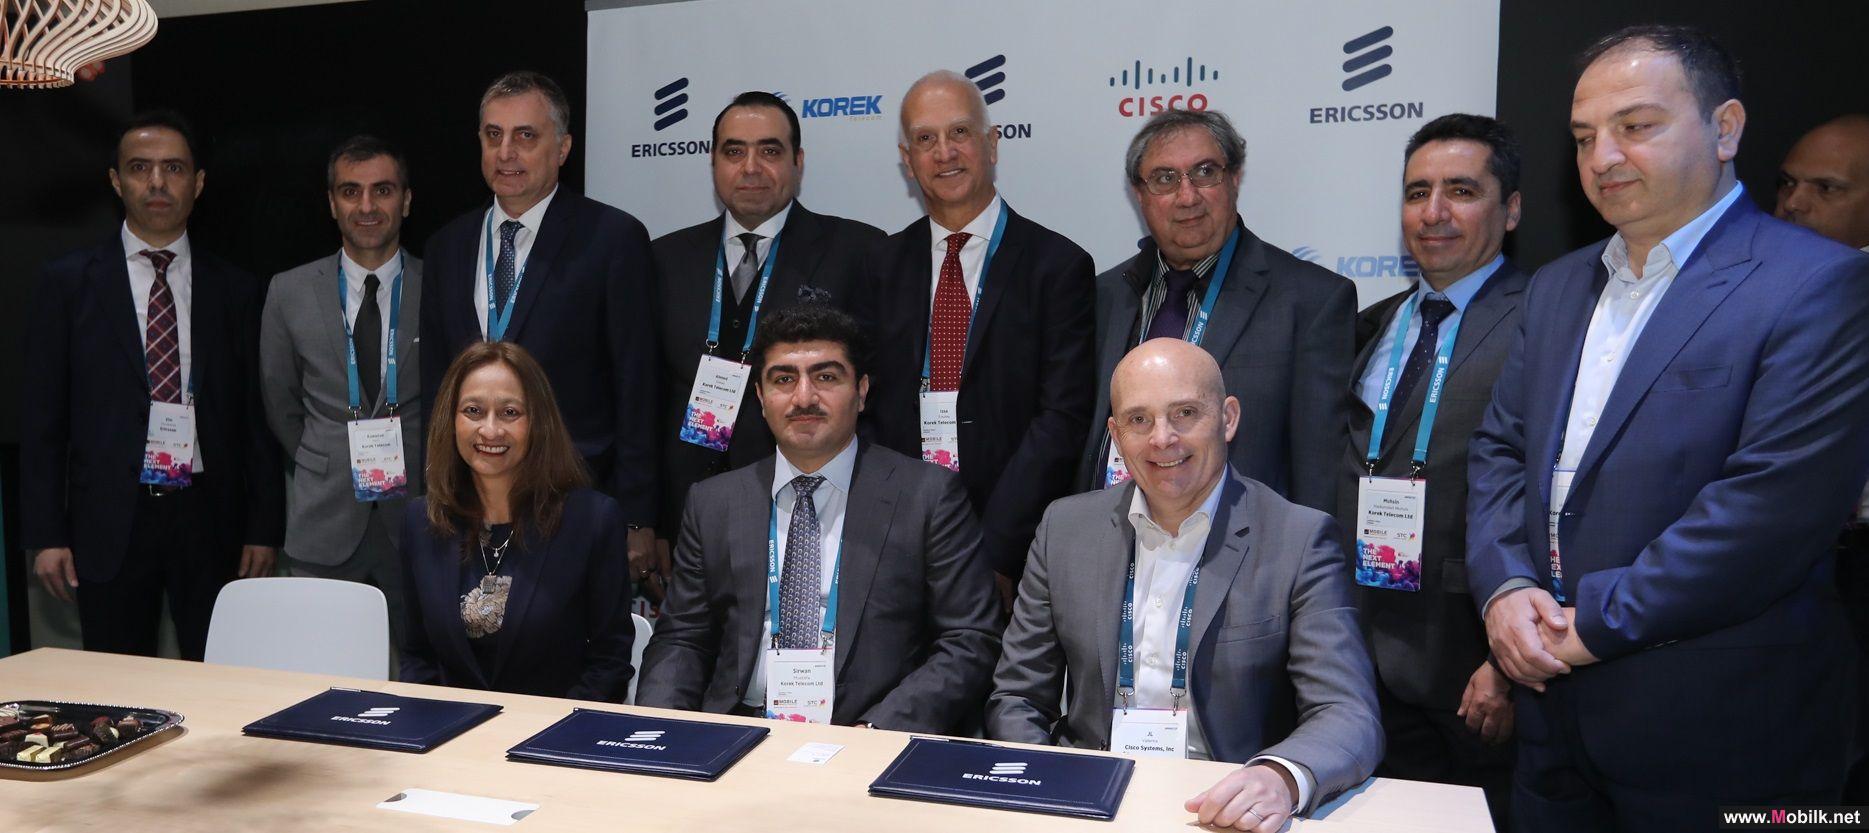 اريكسون وسيسكو تتعاونان في سبيل تطوير شبكة بروتوكول الانترنت  (IP)الأساسية  لشركة كورك تيليكوم.